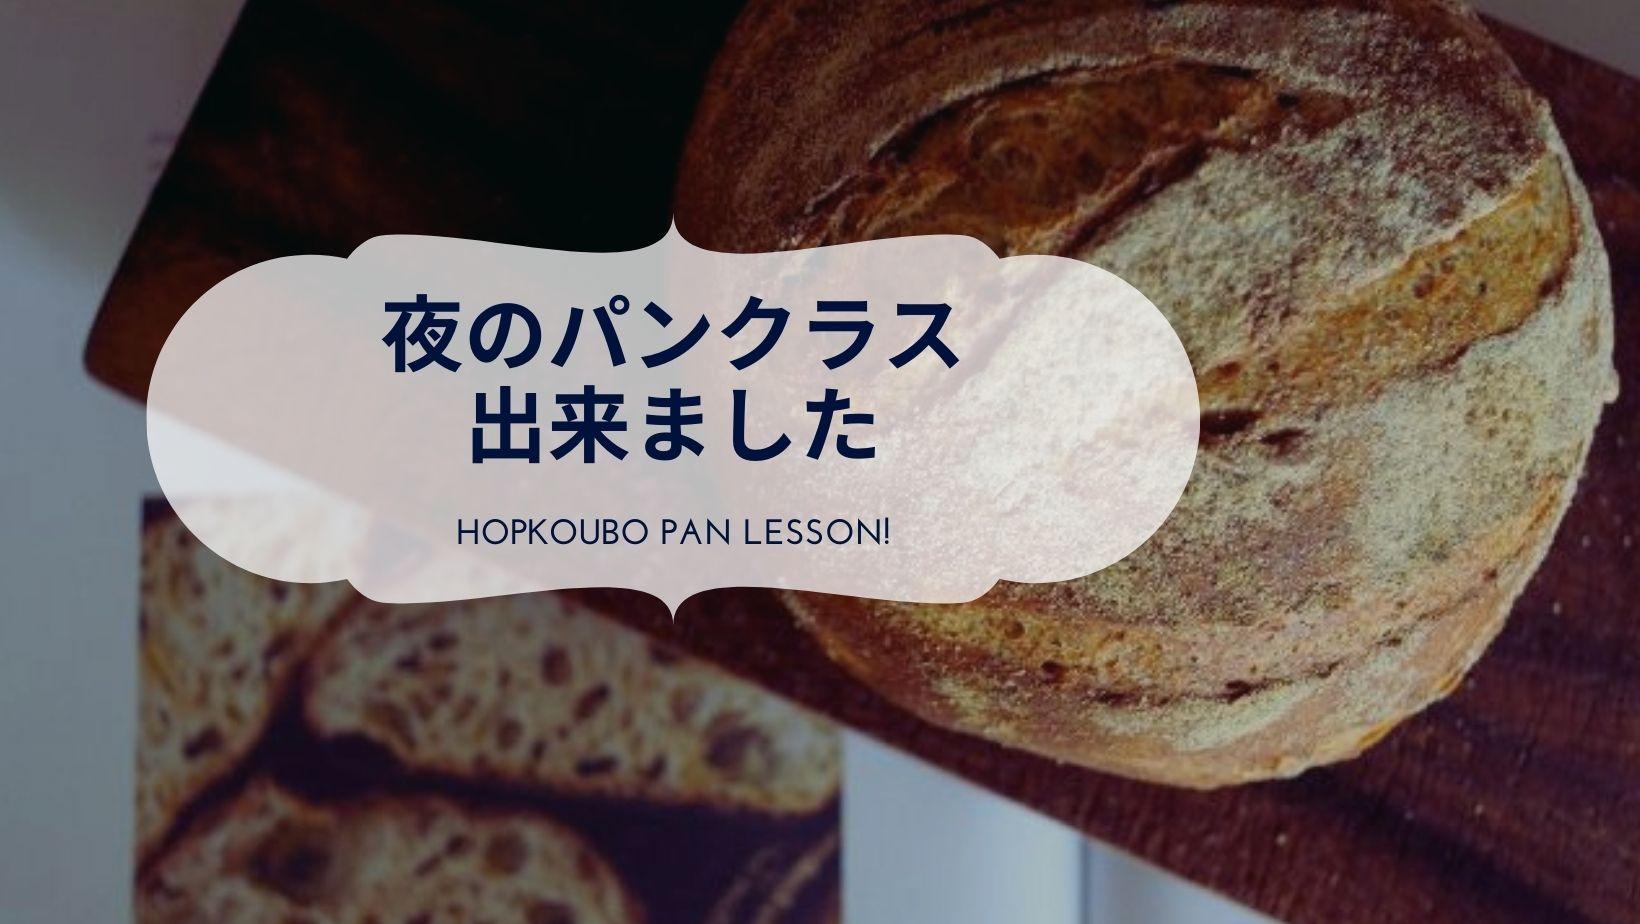 お仕事が終わってからのパンレッスン、夜のクラスができます!クリック!